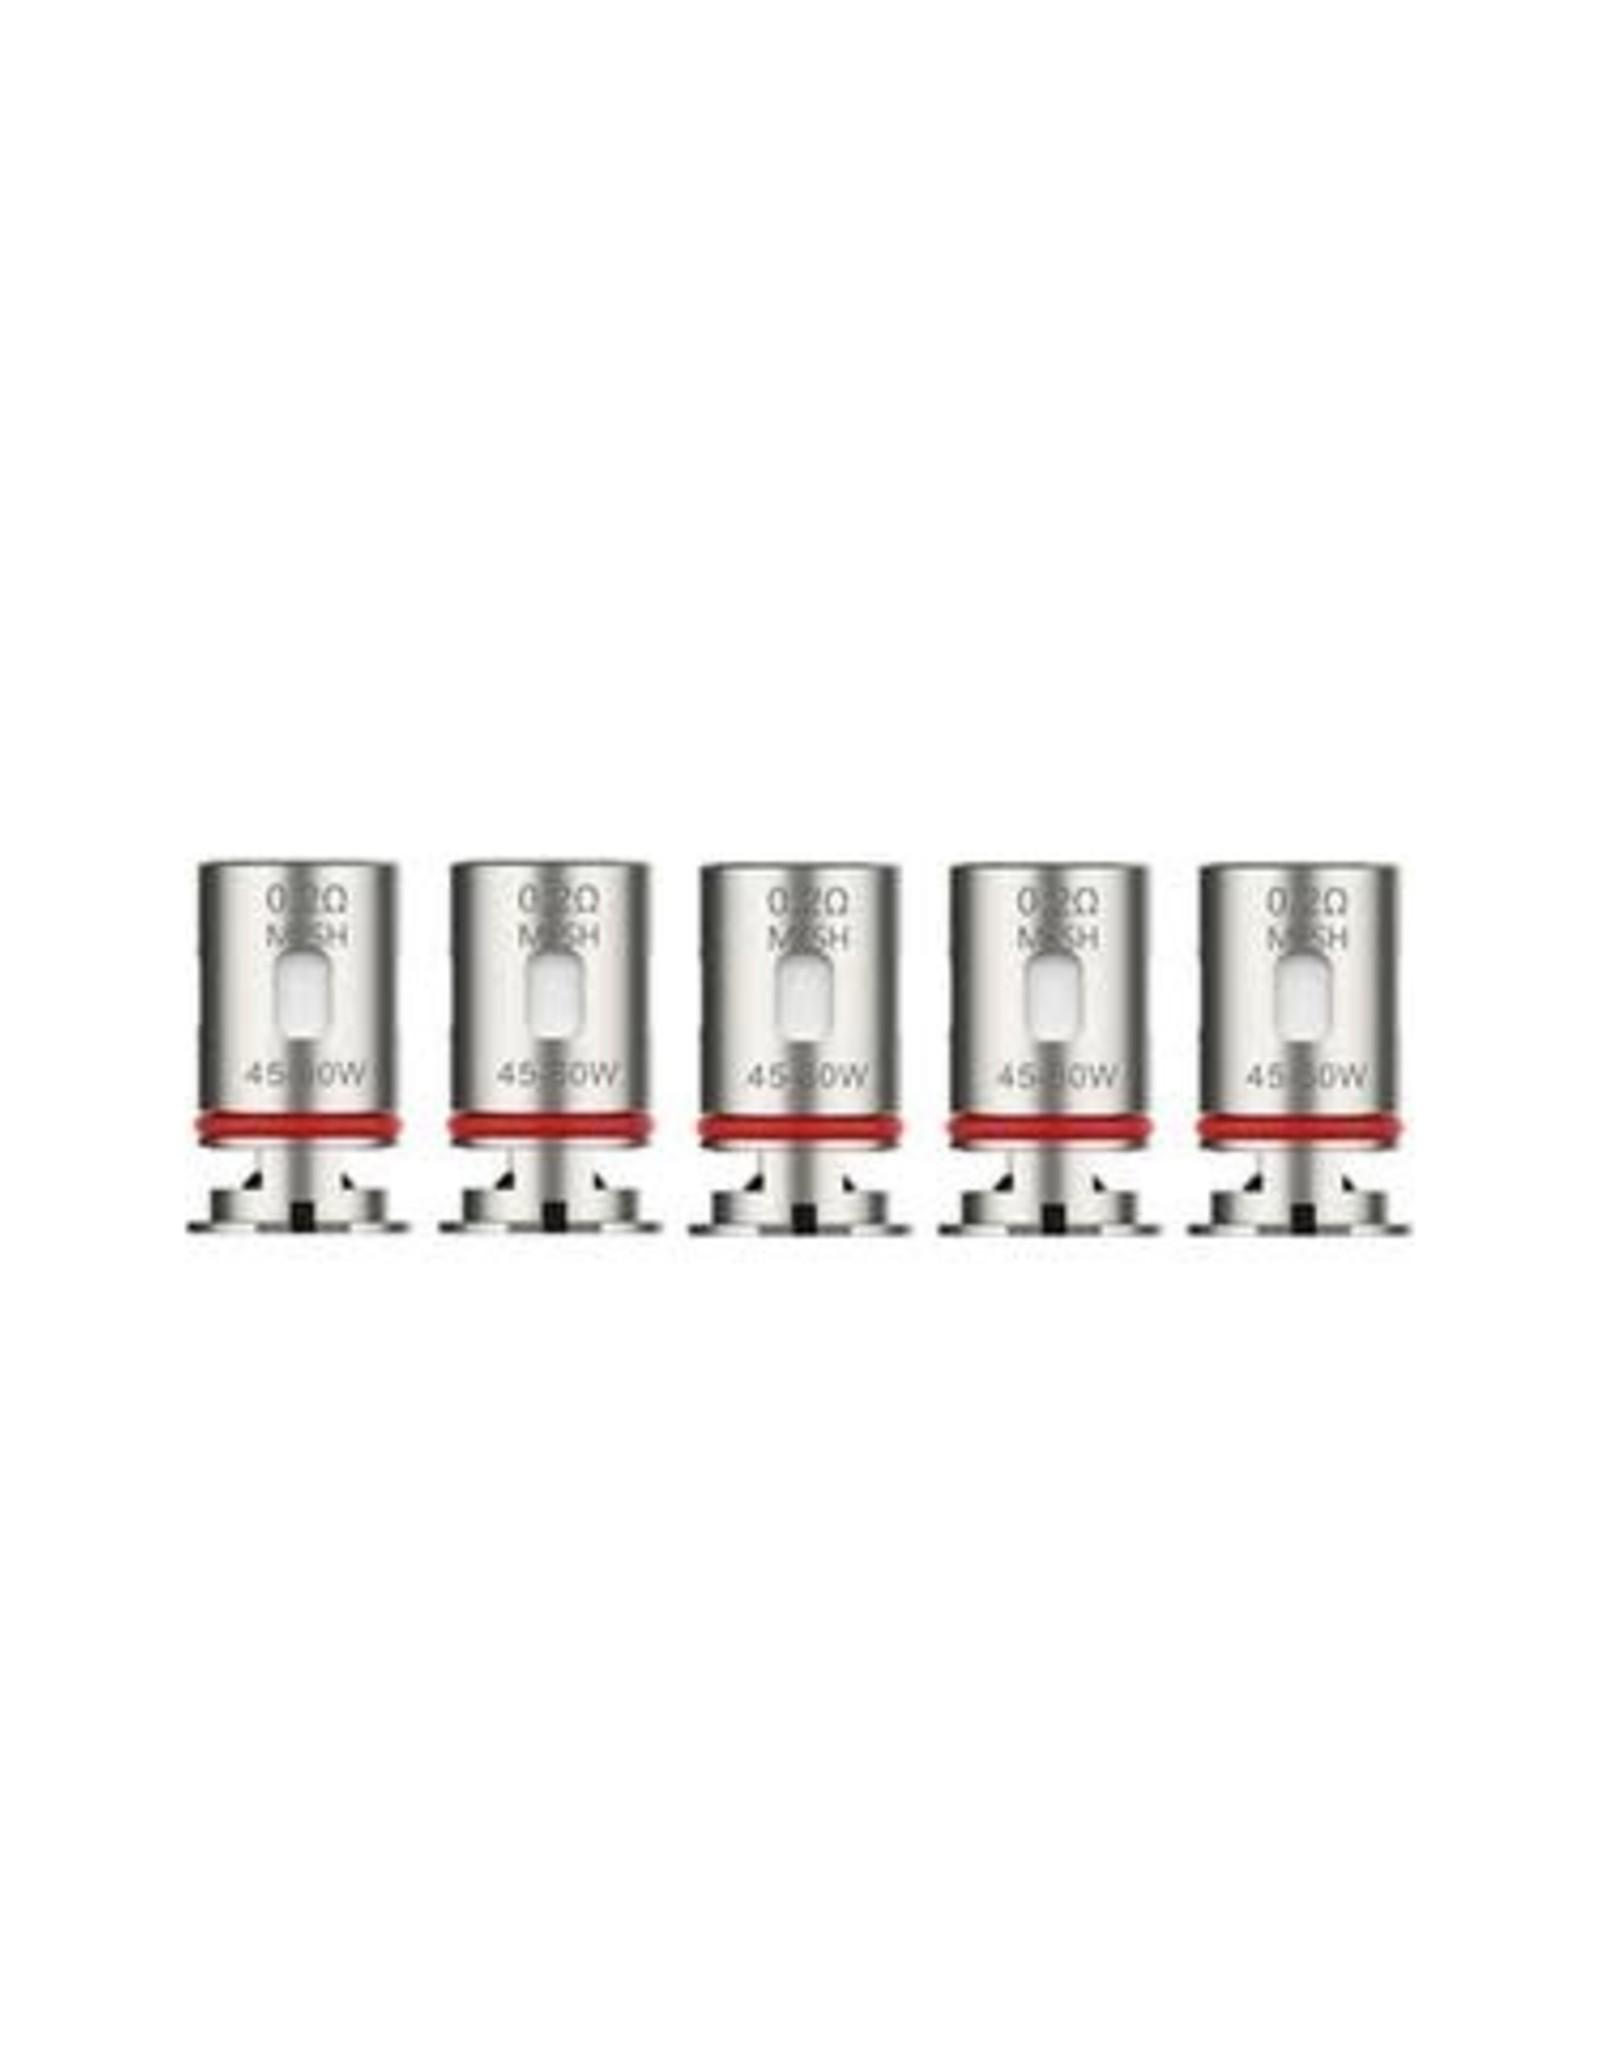 Vaporesso VAPORESSO GTX COILS (5 PACK)